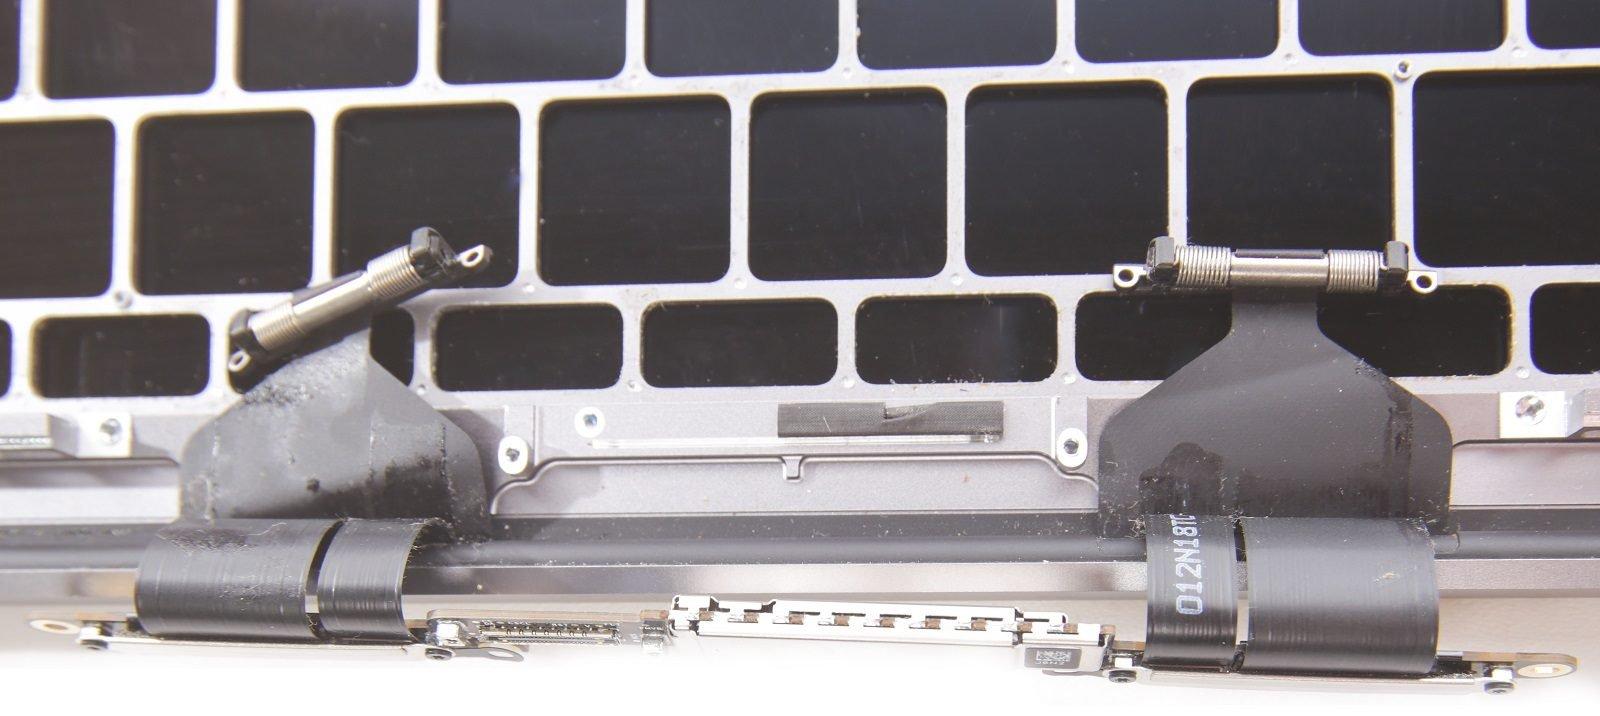 MacBook Pro Flexgate Reparatur in Hamburg